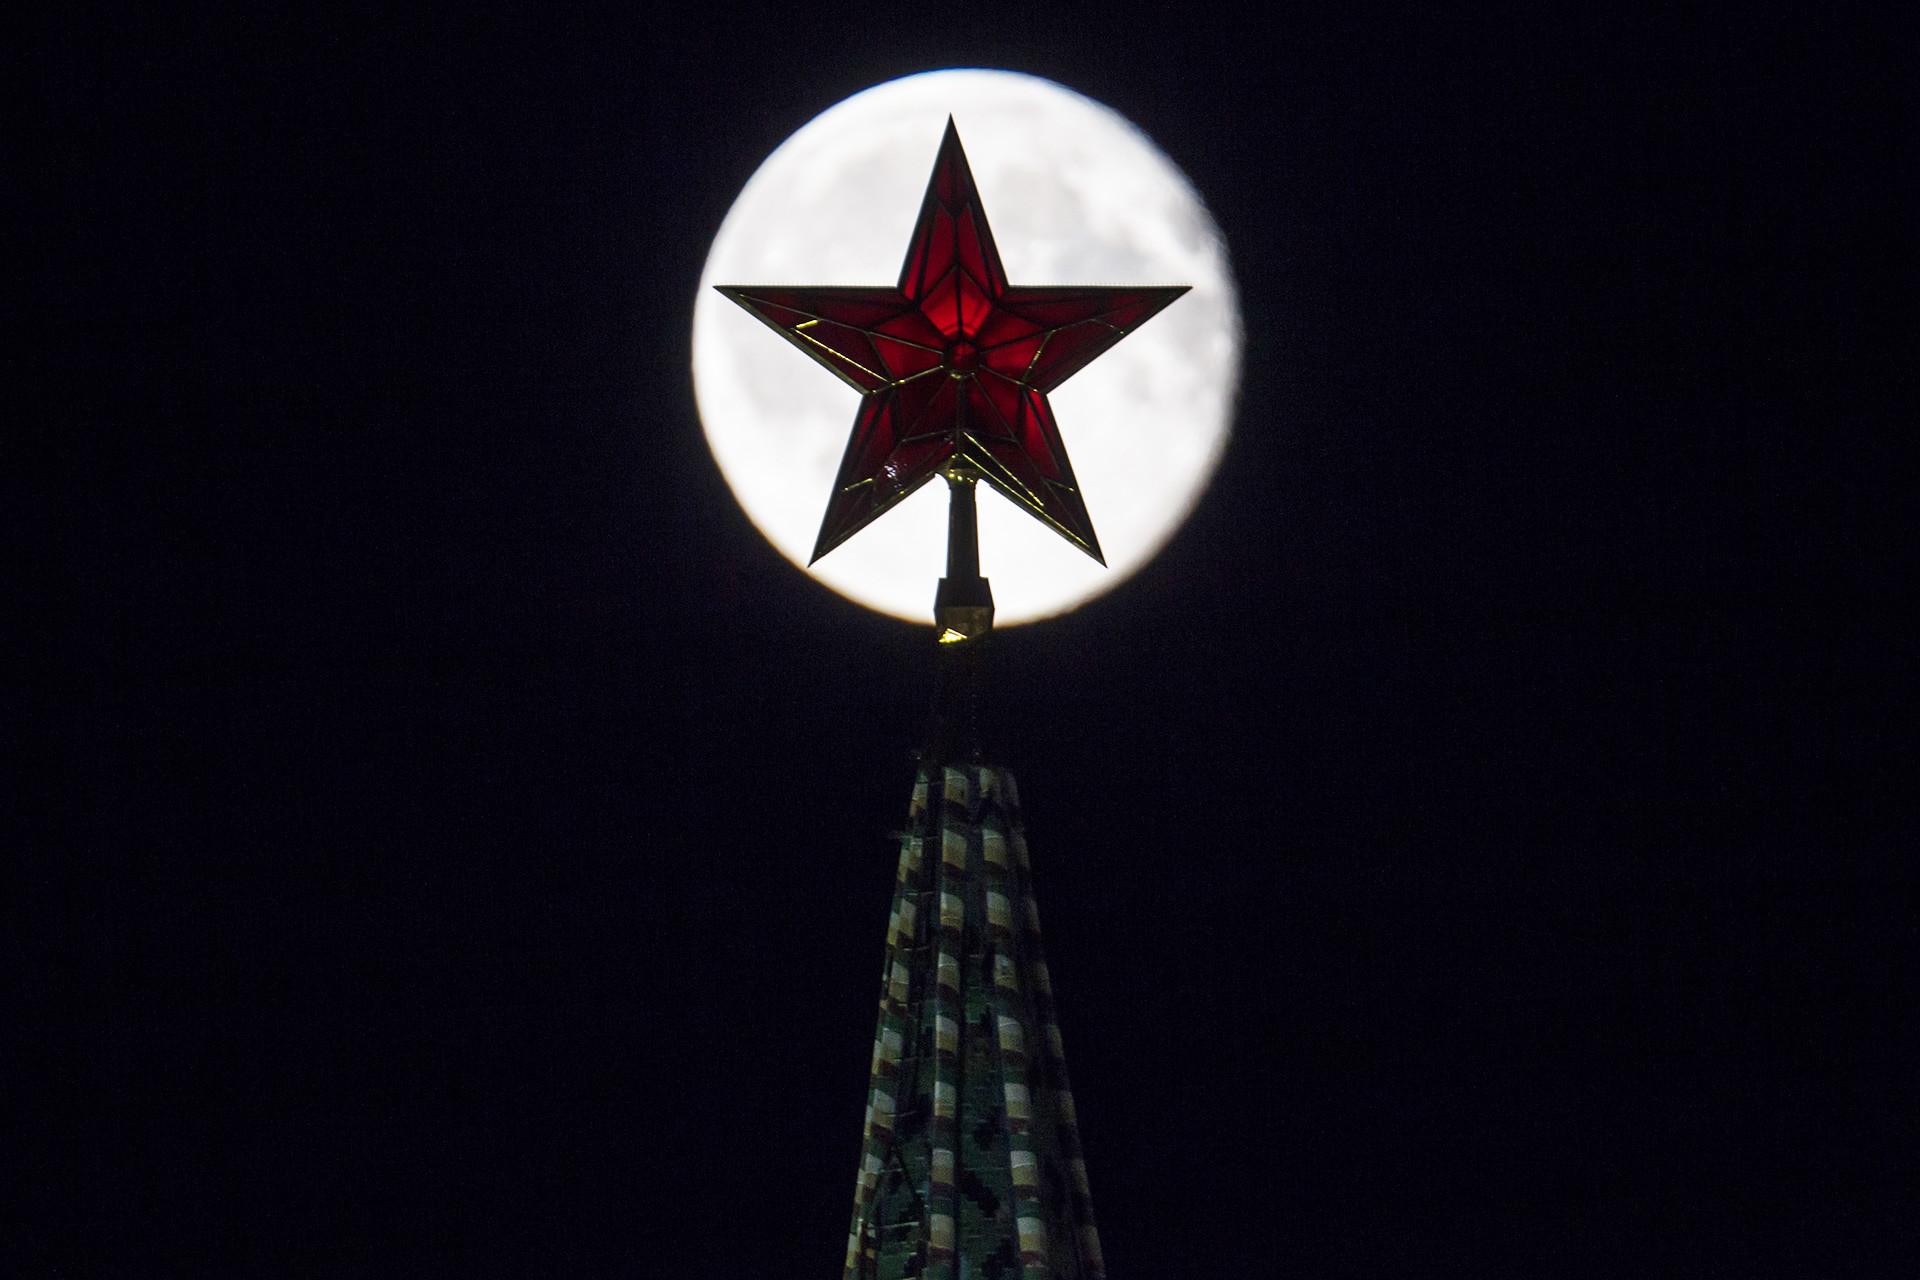 дни, кремлевская звезда фото гиф этом говорит размах